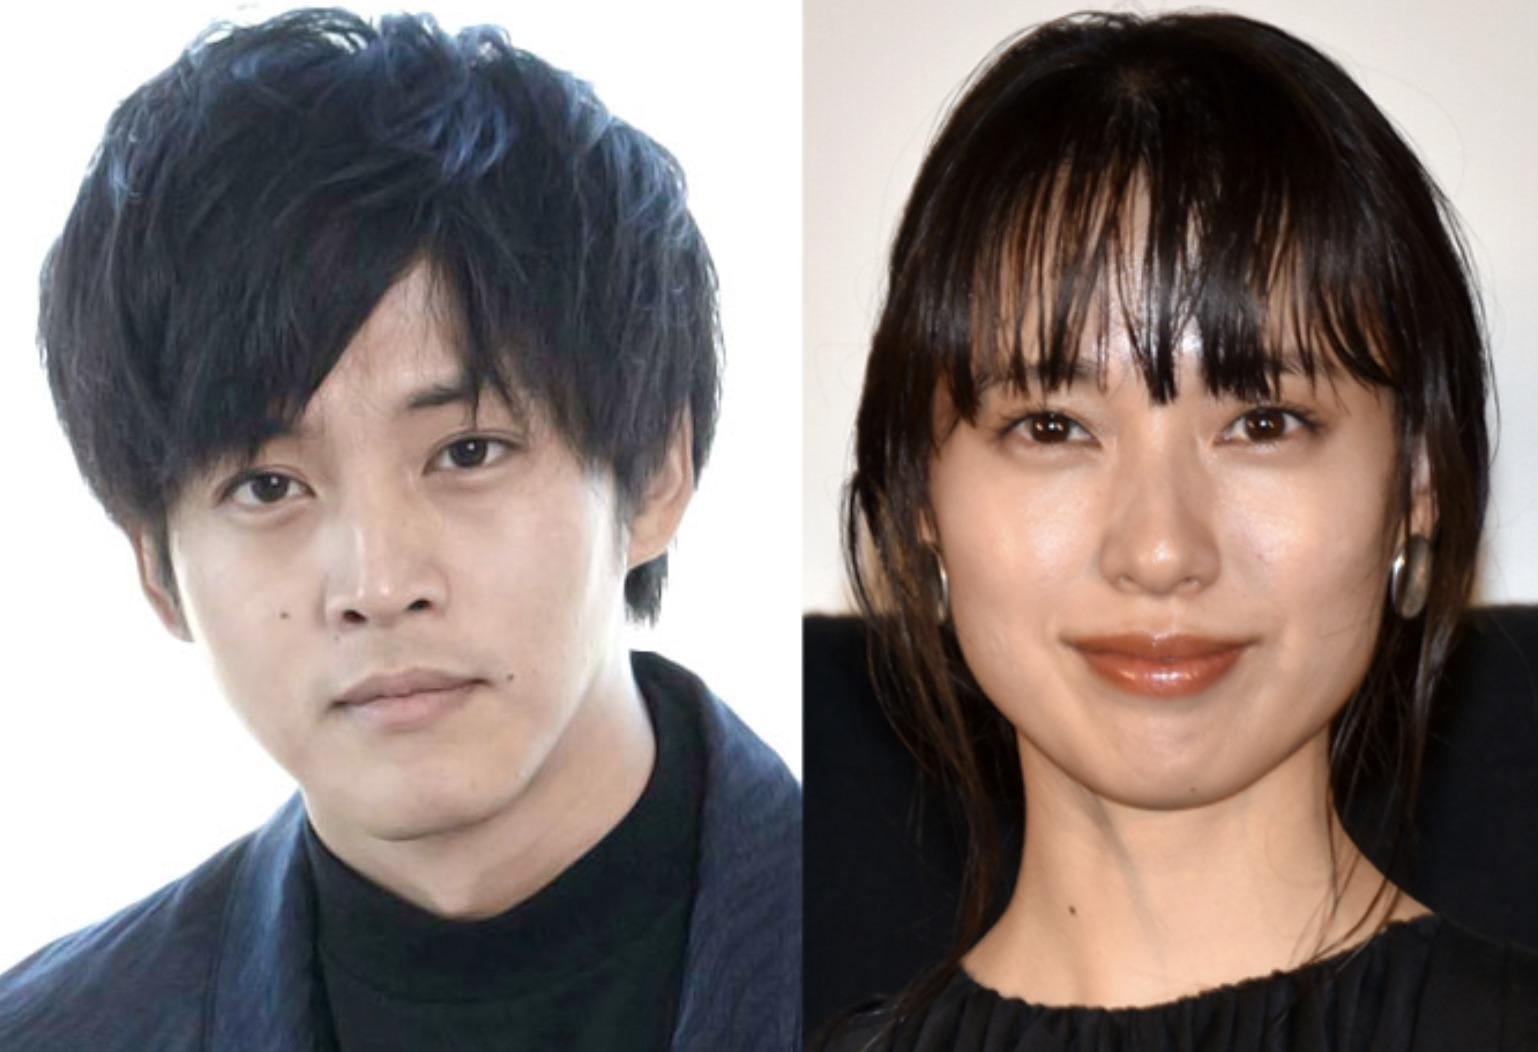 戸田恵梨香さんと松坂桃李さんの画像